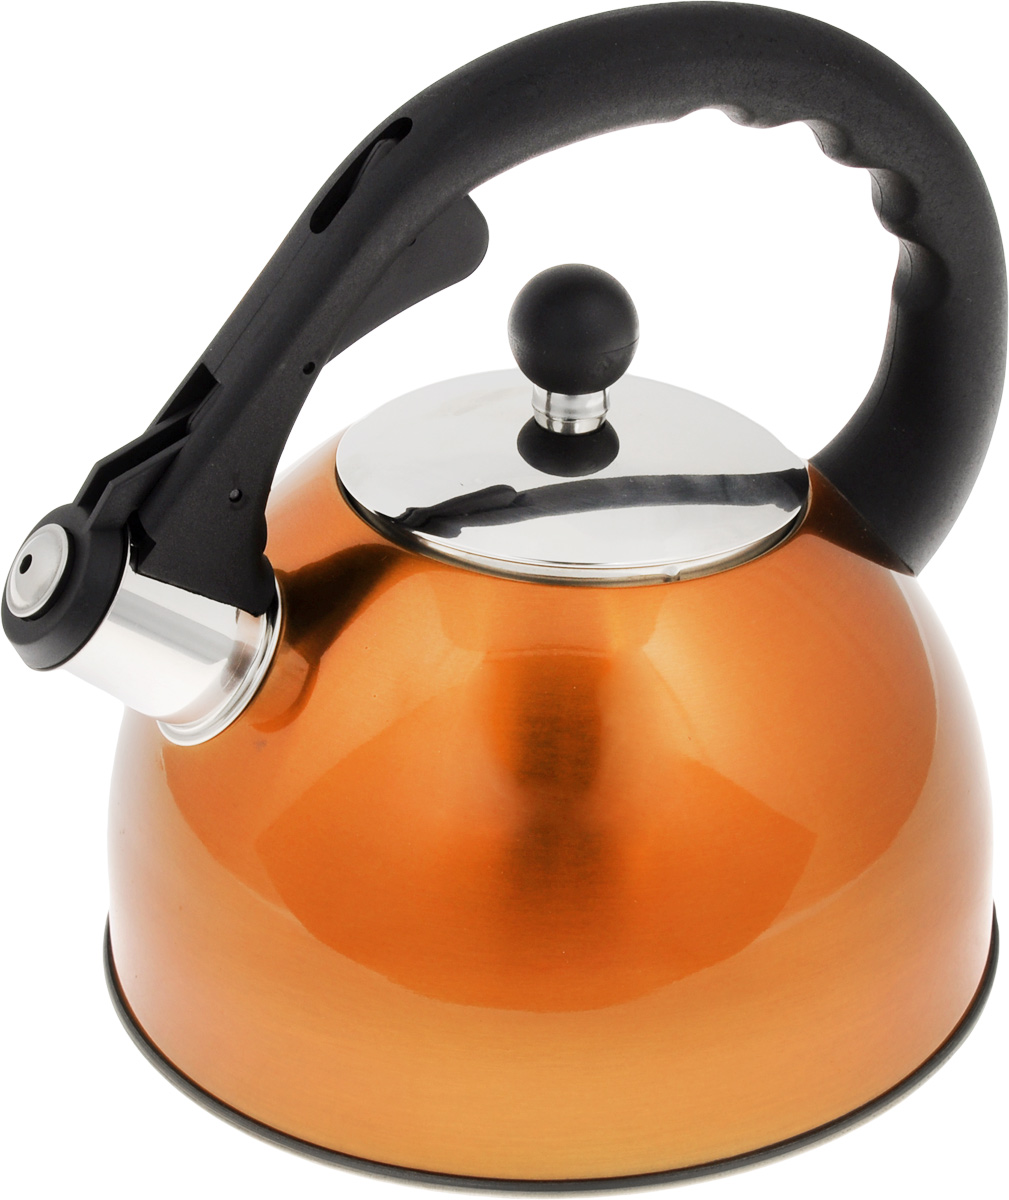 Чайник Mayer & Boch, со свистком, цвет: оранжевый, 2,7 л. 33333333_оранжевыйЧайник Mayer & Boch изготовлен из высококачественной нержавеющей стали. Внешнее цветное термостойкое покрытие корпуса придает изделию безупречный внешний вид. Изделие оснащено пластиковой ручкой эргономичной формы и свистком, который громко оповещает о закипании воды. Можно использовать на всех видах плит. Подходит для индукционных плит. Можно мыть в посудомоечной машине.Диаметр (по верхнему краю): 10 см.Высота чайника (без учета ручки и крышки): 12 см.Высота чайника (с учетом ручки и крышки): 22 см.